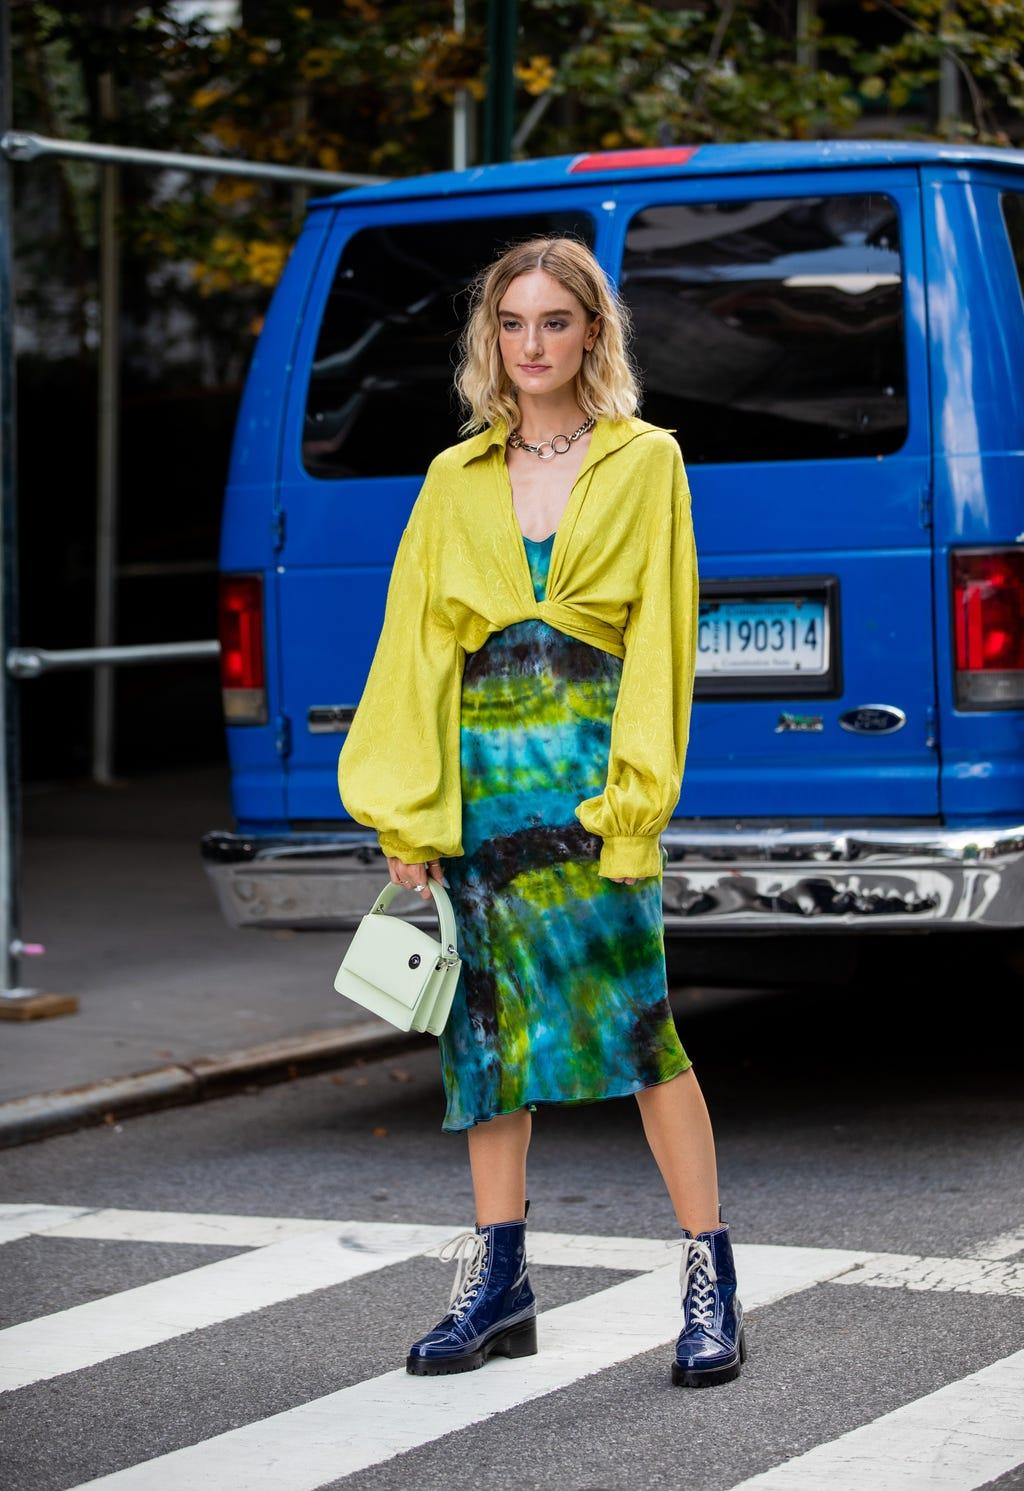 Cách phối màu quần áo tươi tắn ngày hè với vàng và xanh là cây